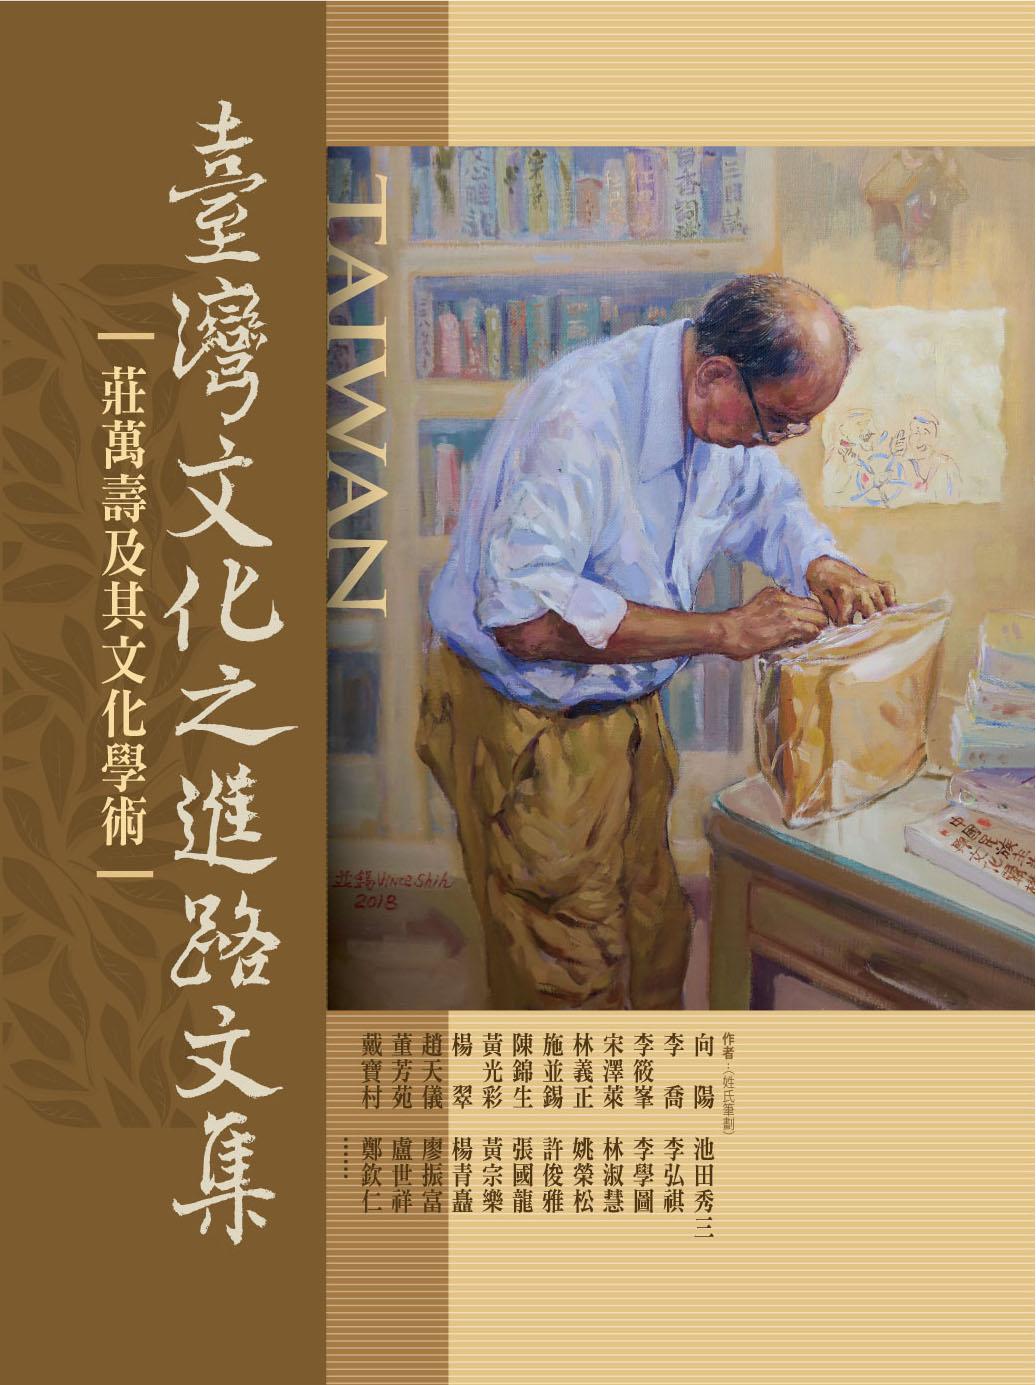 【新書發表會】《台灣文化之進路文集》—莊萬壽及其文化學術 @ 228國家紀念館